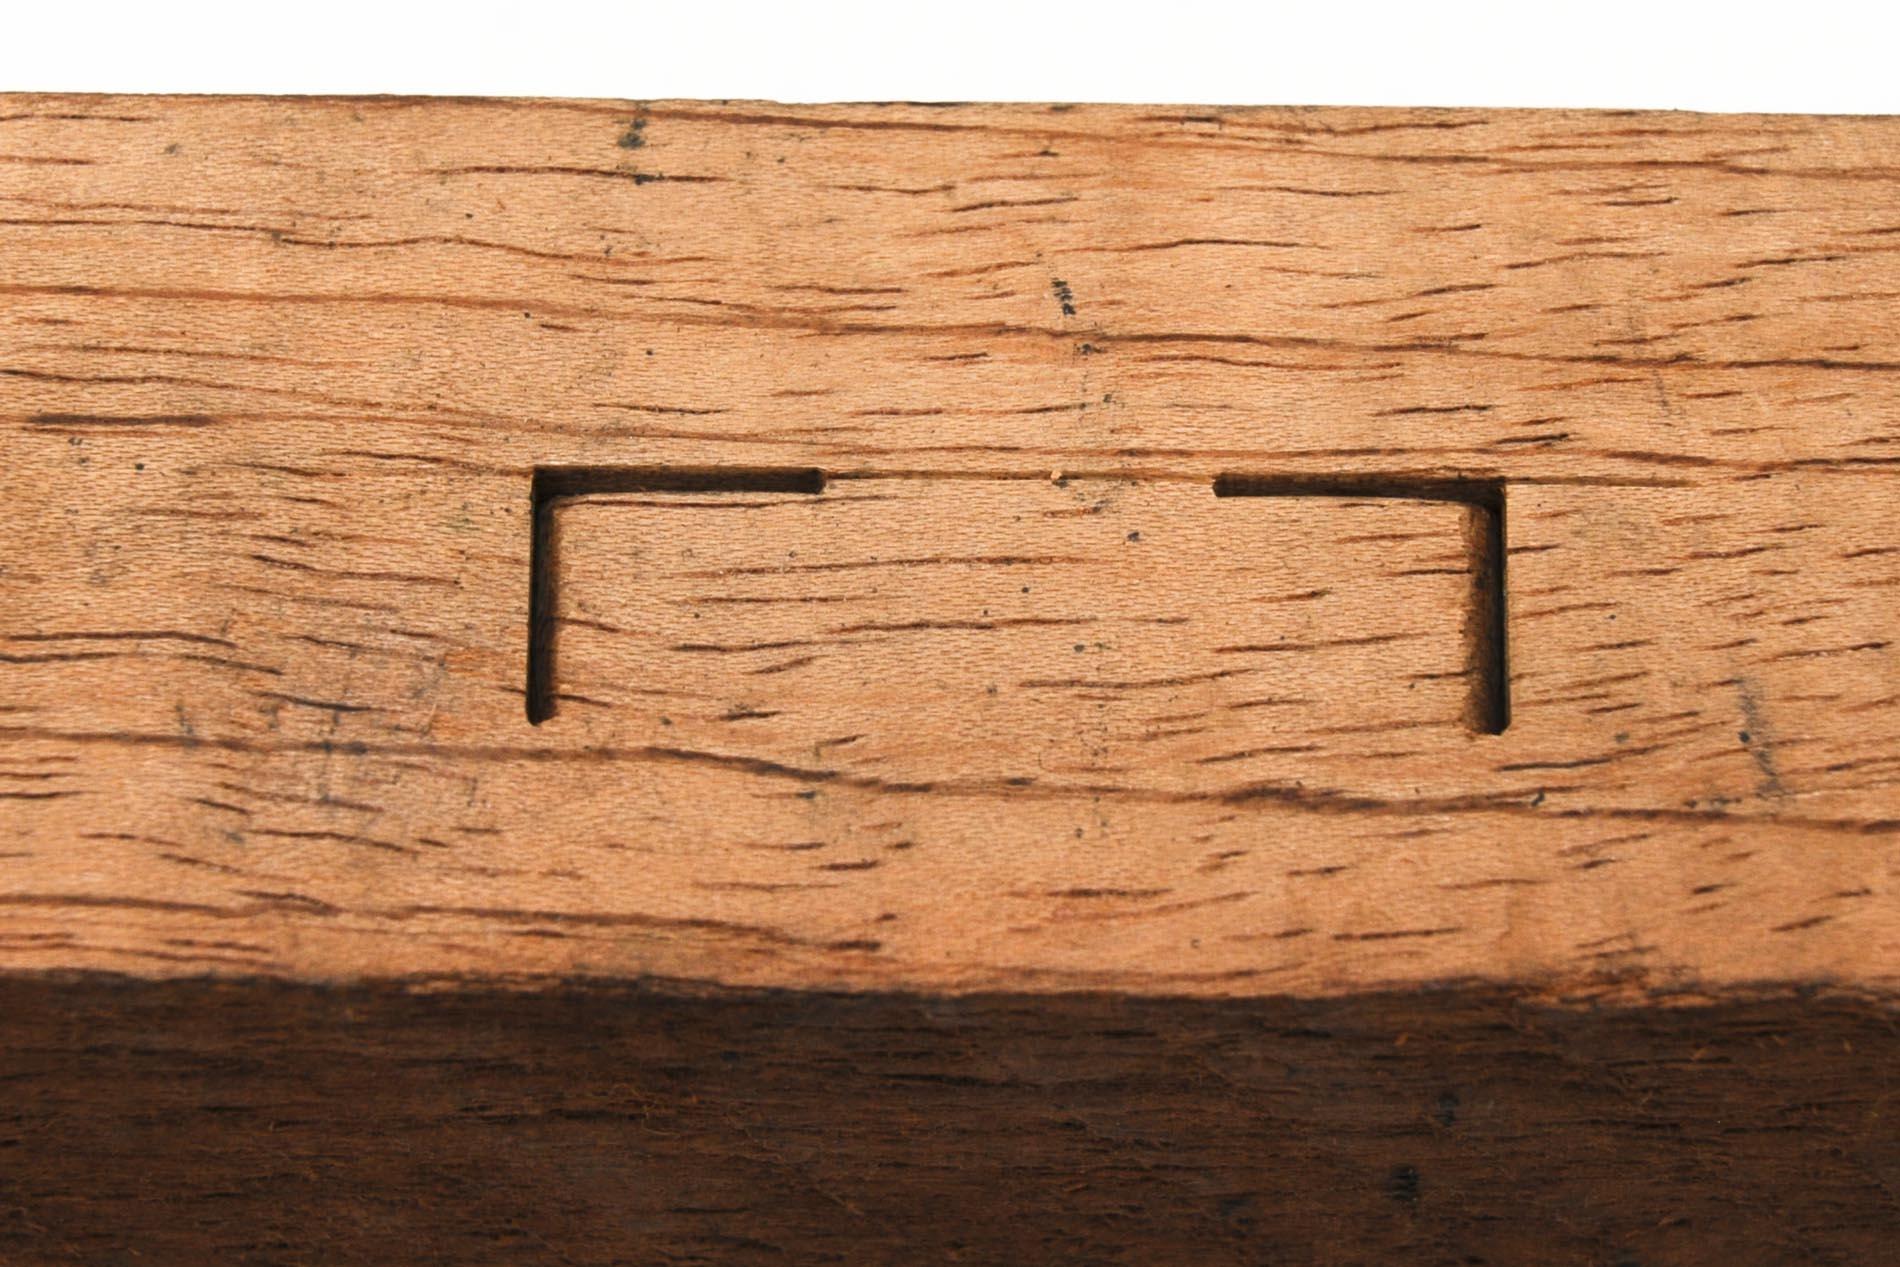 813410-Instalacion bisagras, chapas, formon 90° ancho 10mm Narex 813410-max-3.